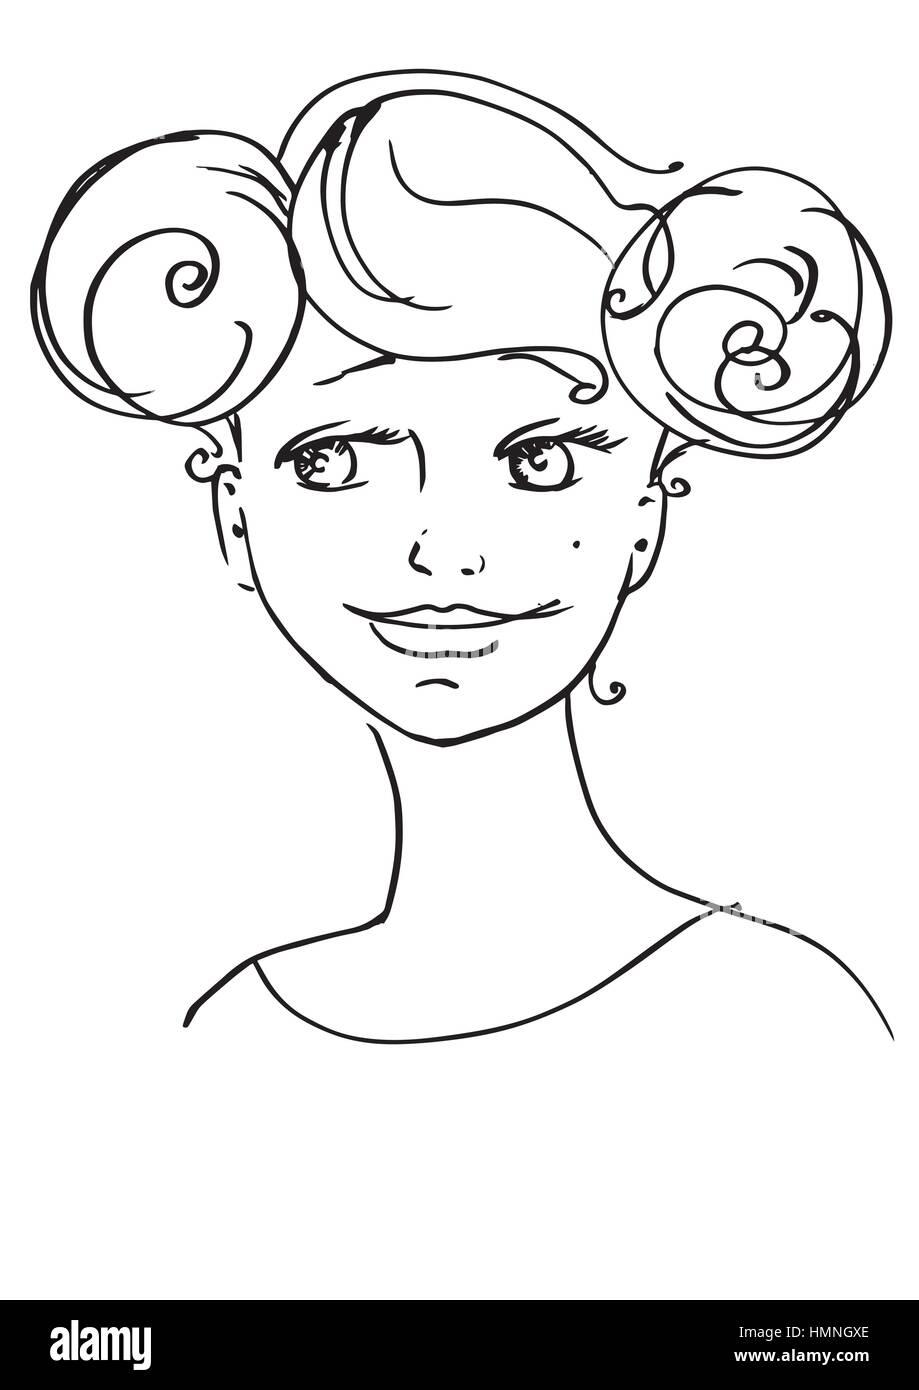 Bezaubernd Schöne Bilder Zum Ausmalen Sammlung Von Schöne Junge Frau. Skizzieren Sie Hand-zeichnung Kontur